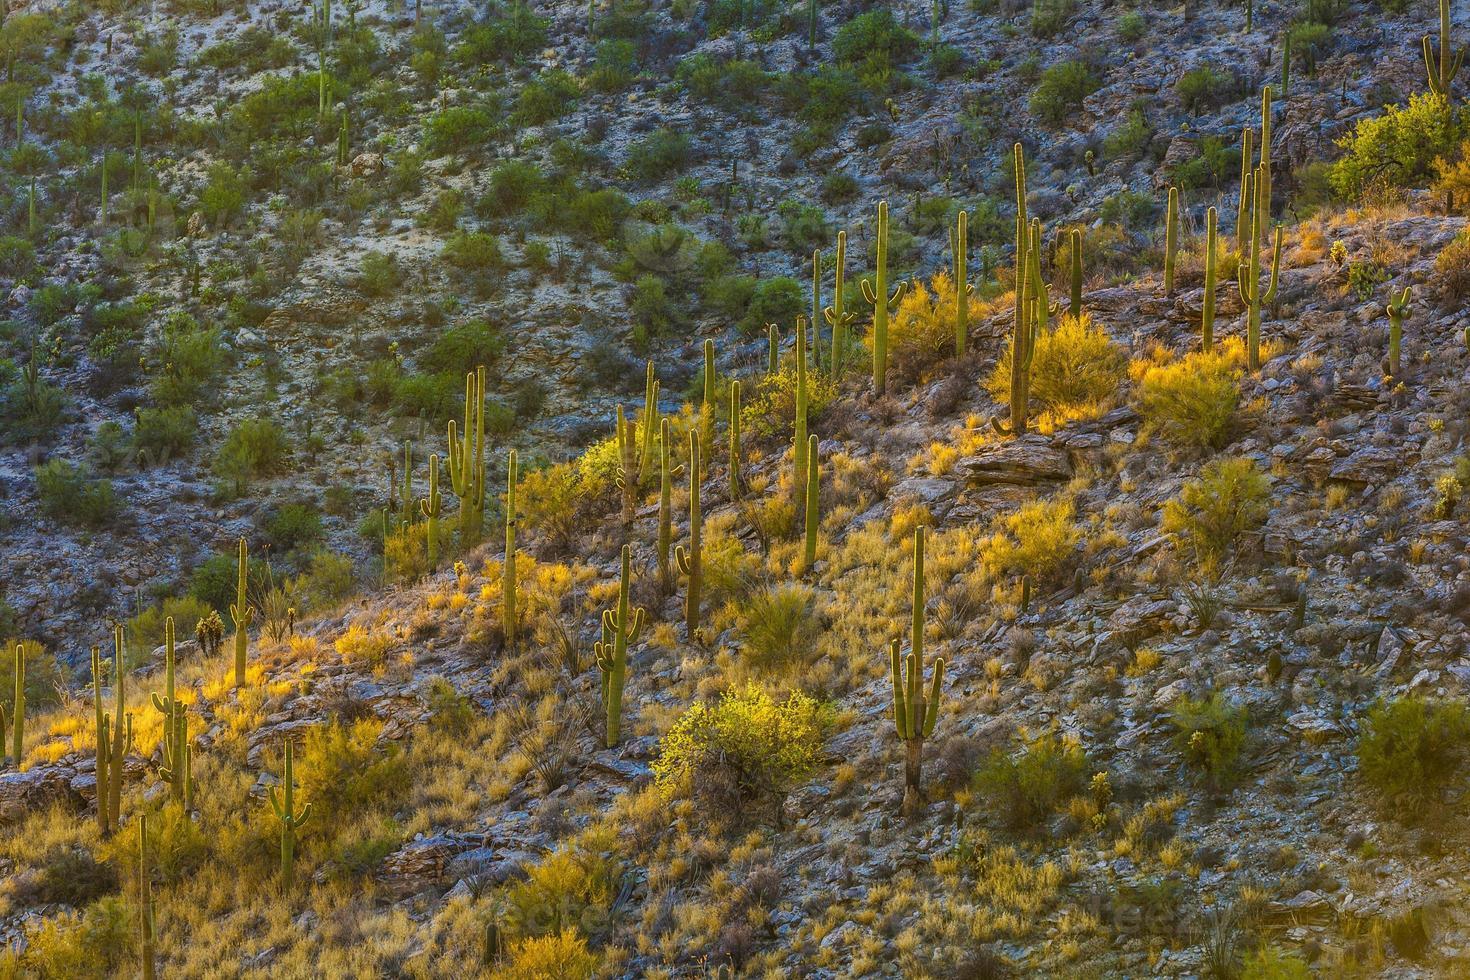 puesta de sol con hermosos cactus verdes en el paisaje foto